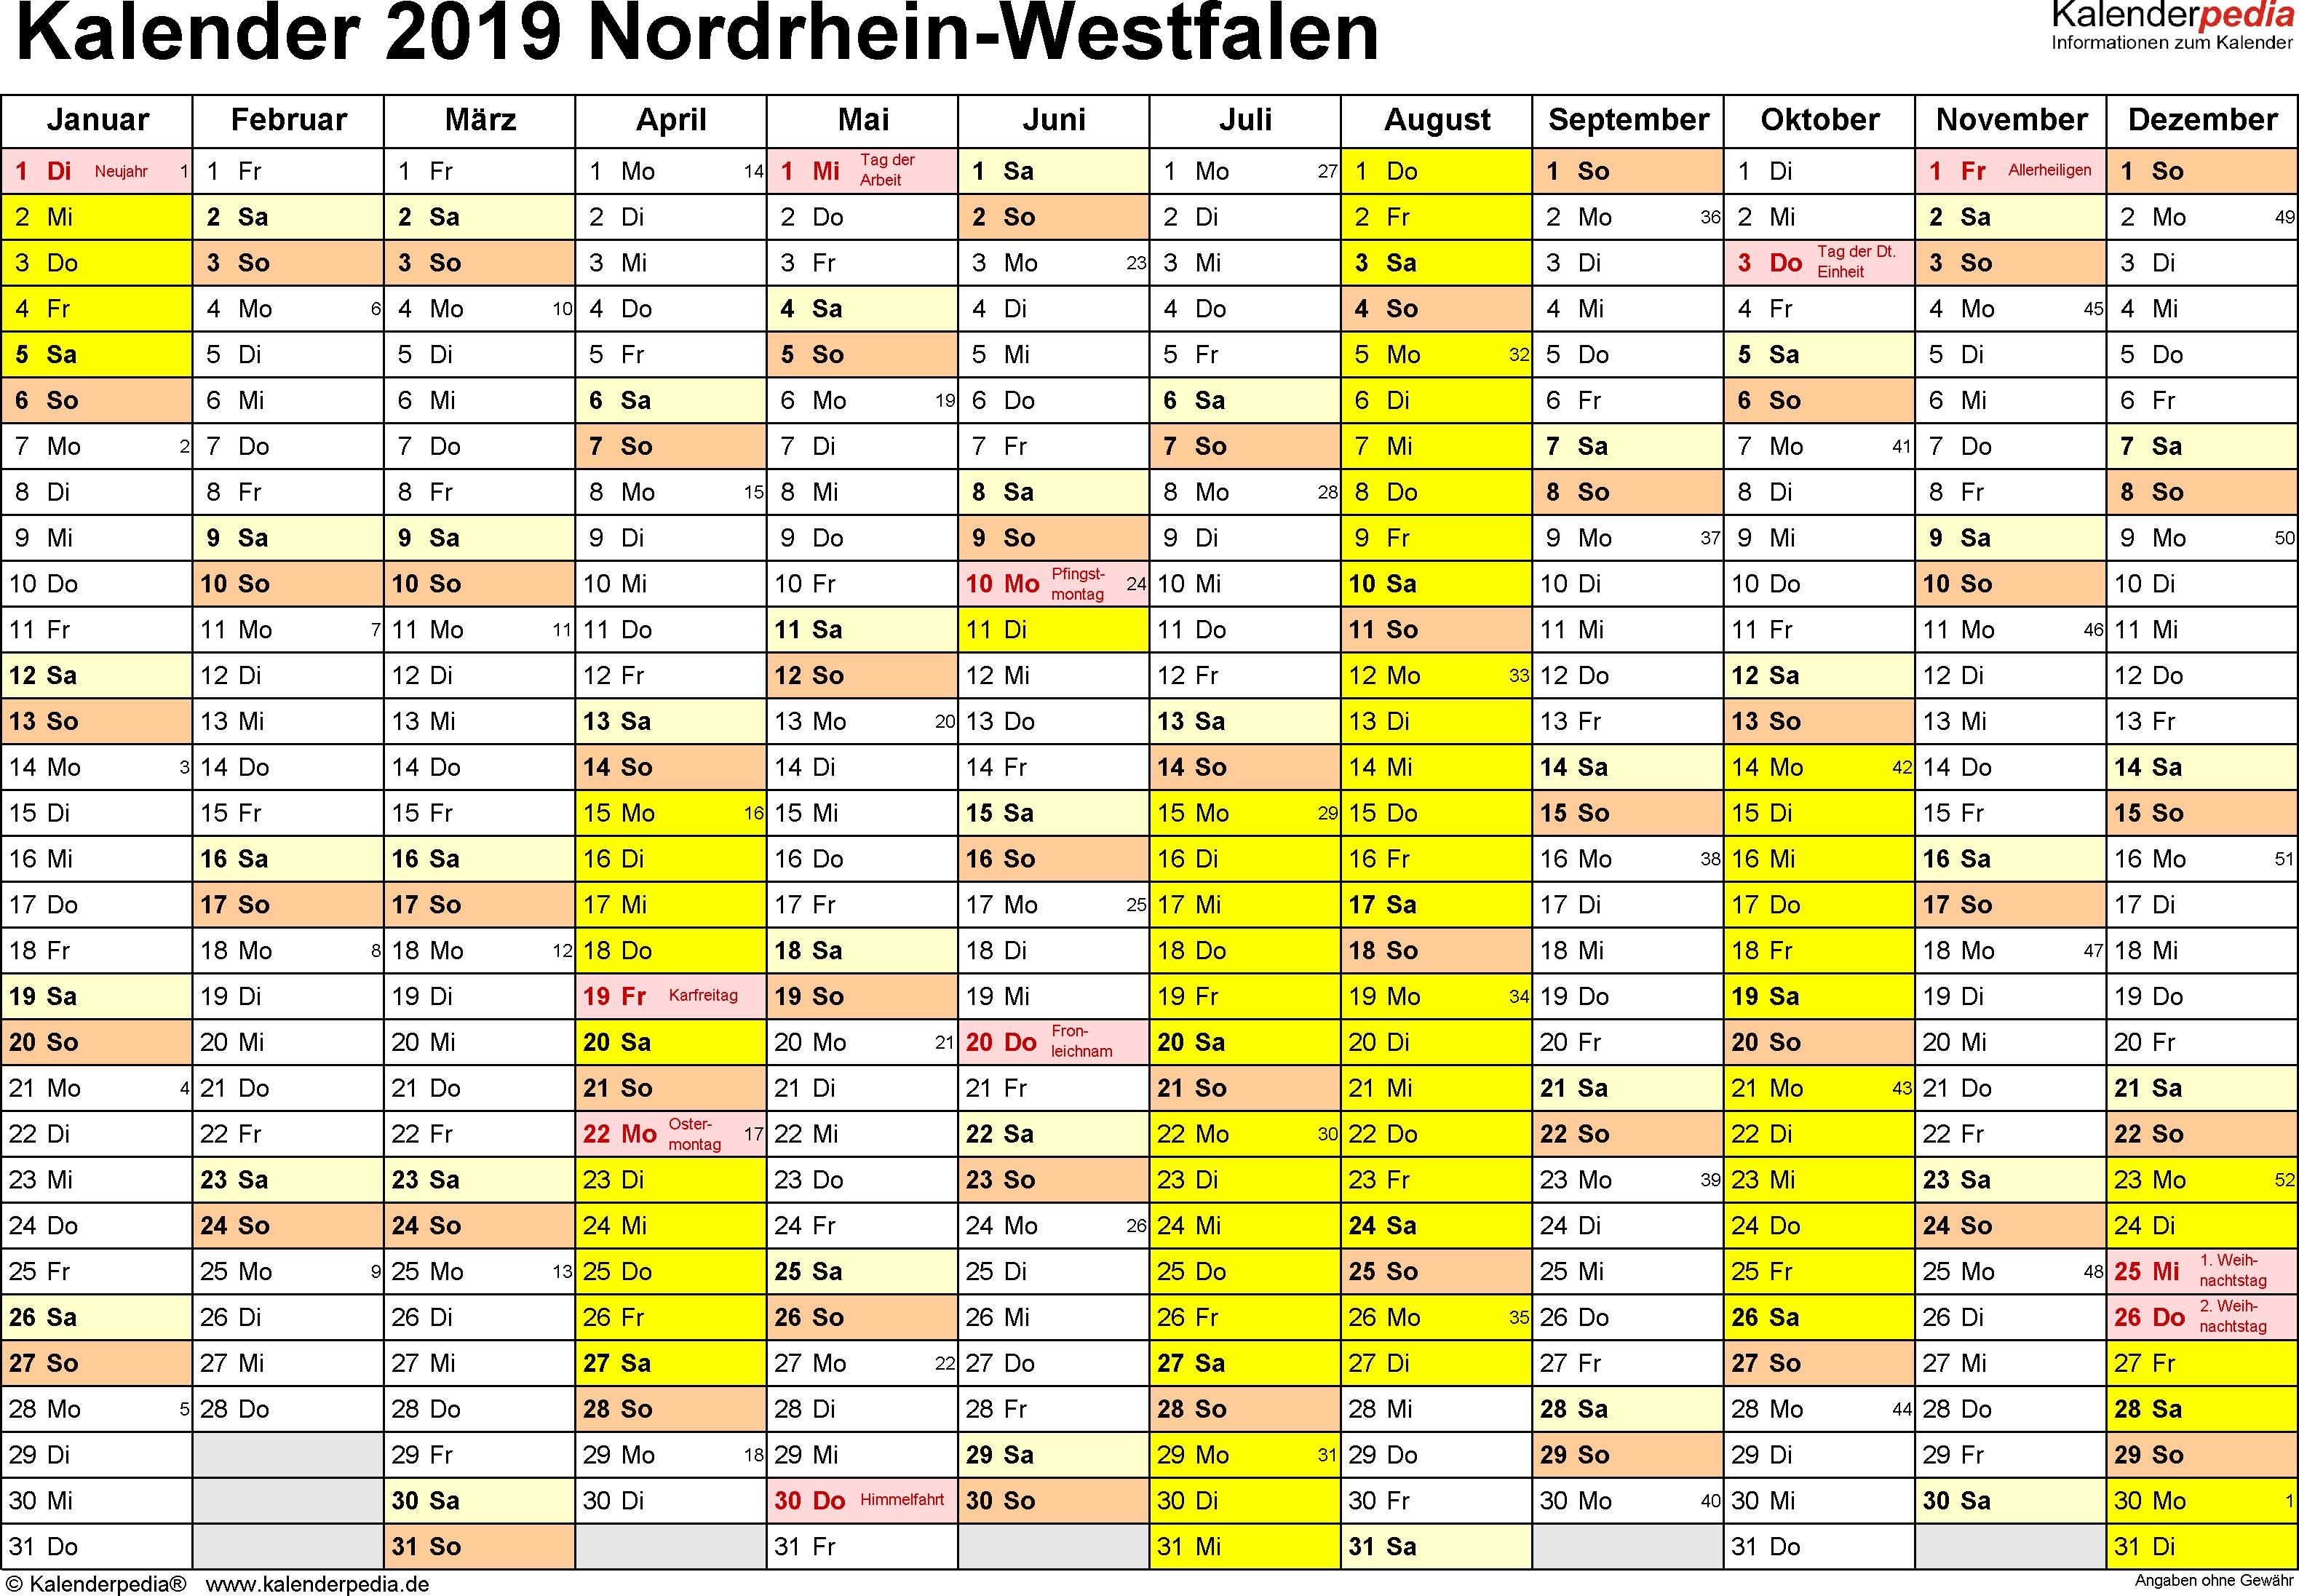 Kalender 2019 Nrw Ferien Feiertage Pdf Vorlagen